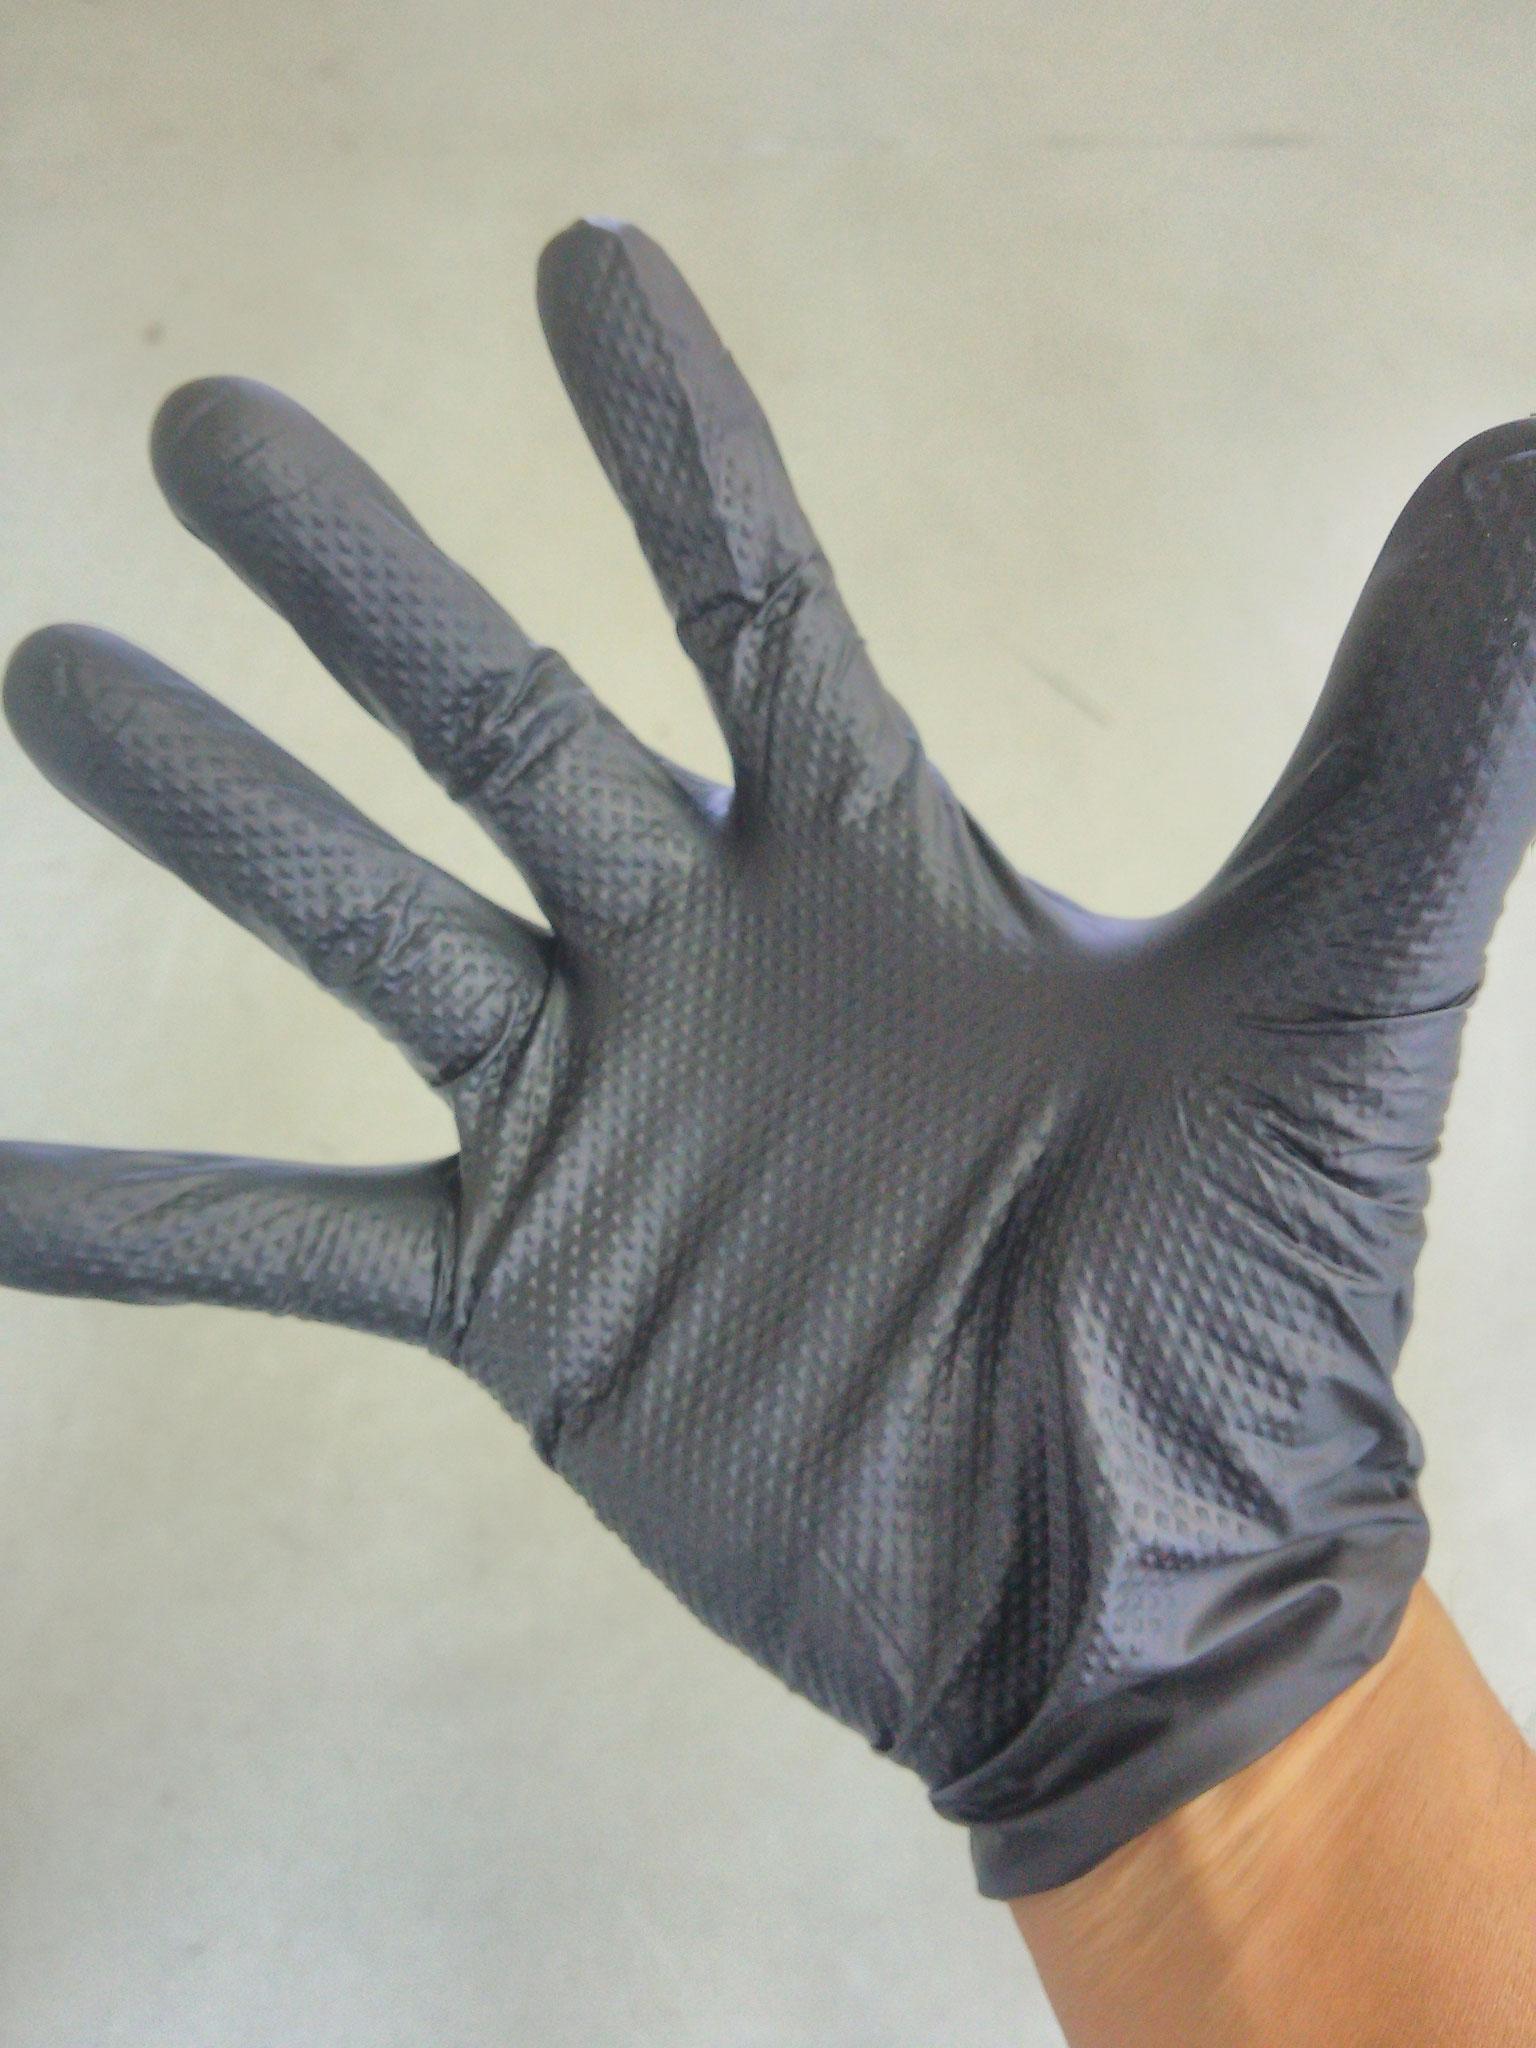 1100 メカニックグローブ オイル(油)・グリス・薬品に強い手袋!!